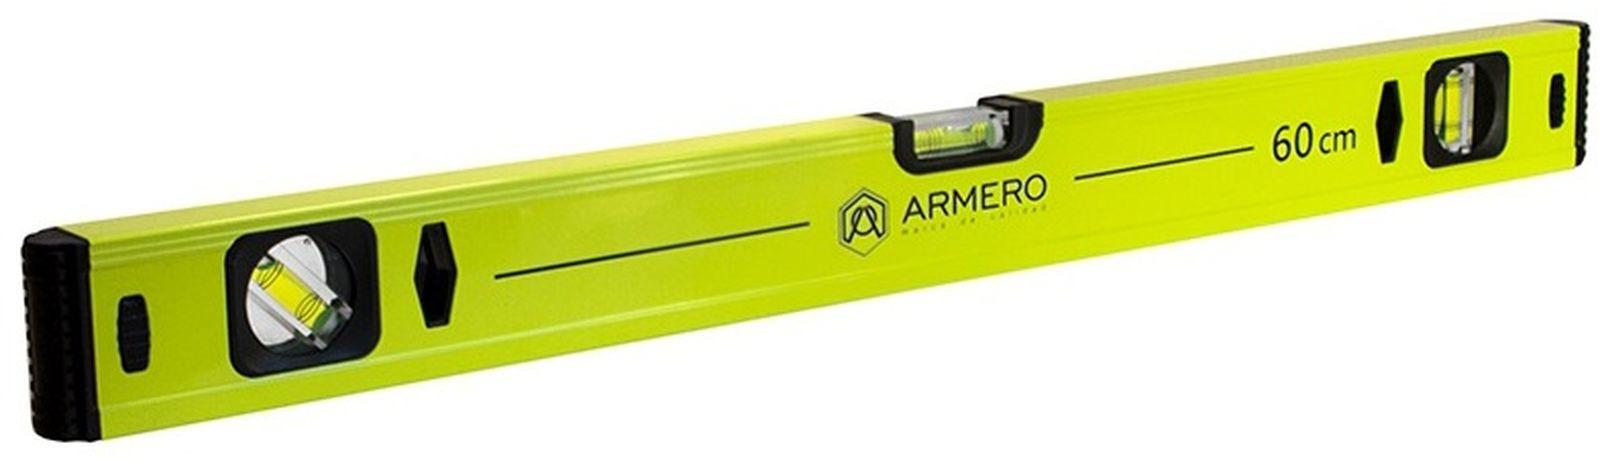 Уровень алюминиевый Armero, 3 глазка, магнит, 40 см